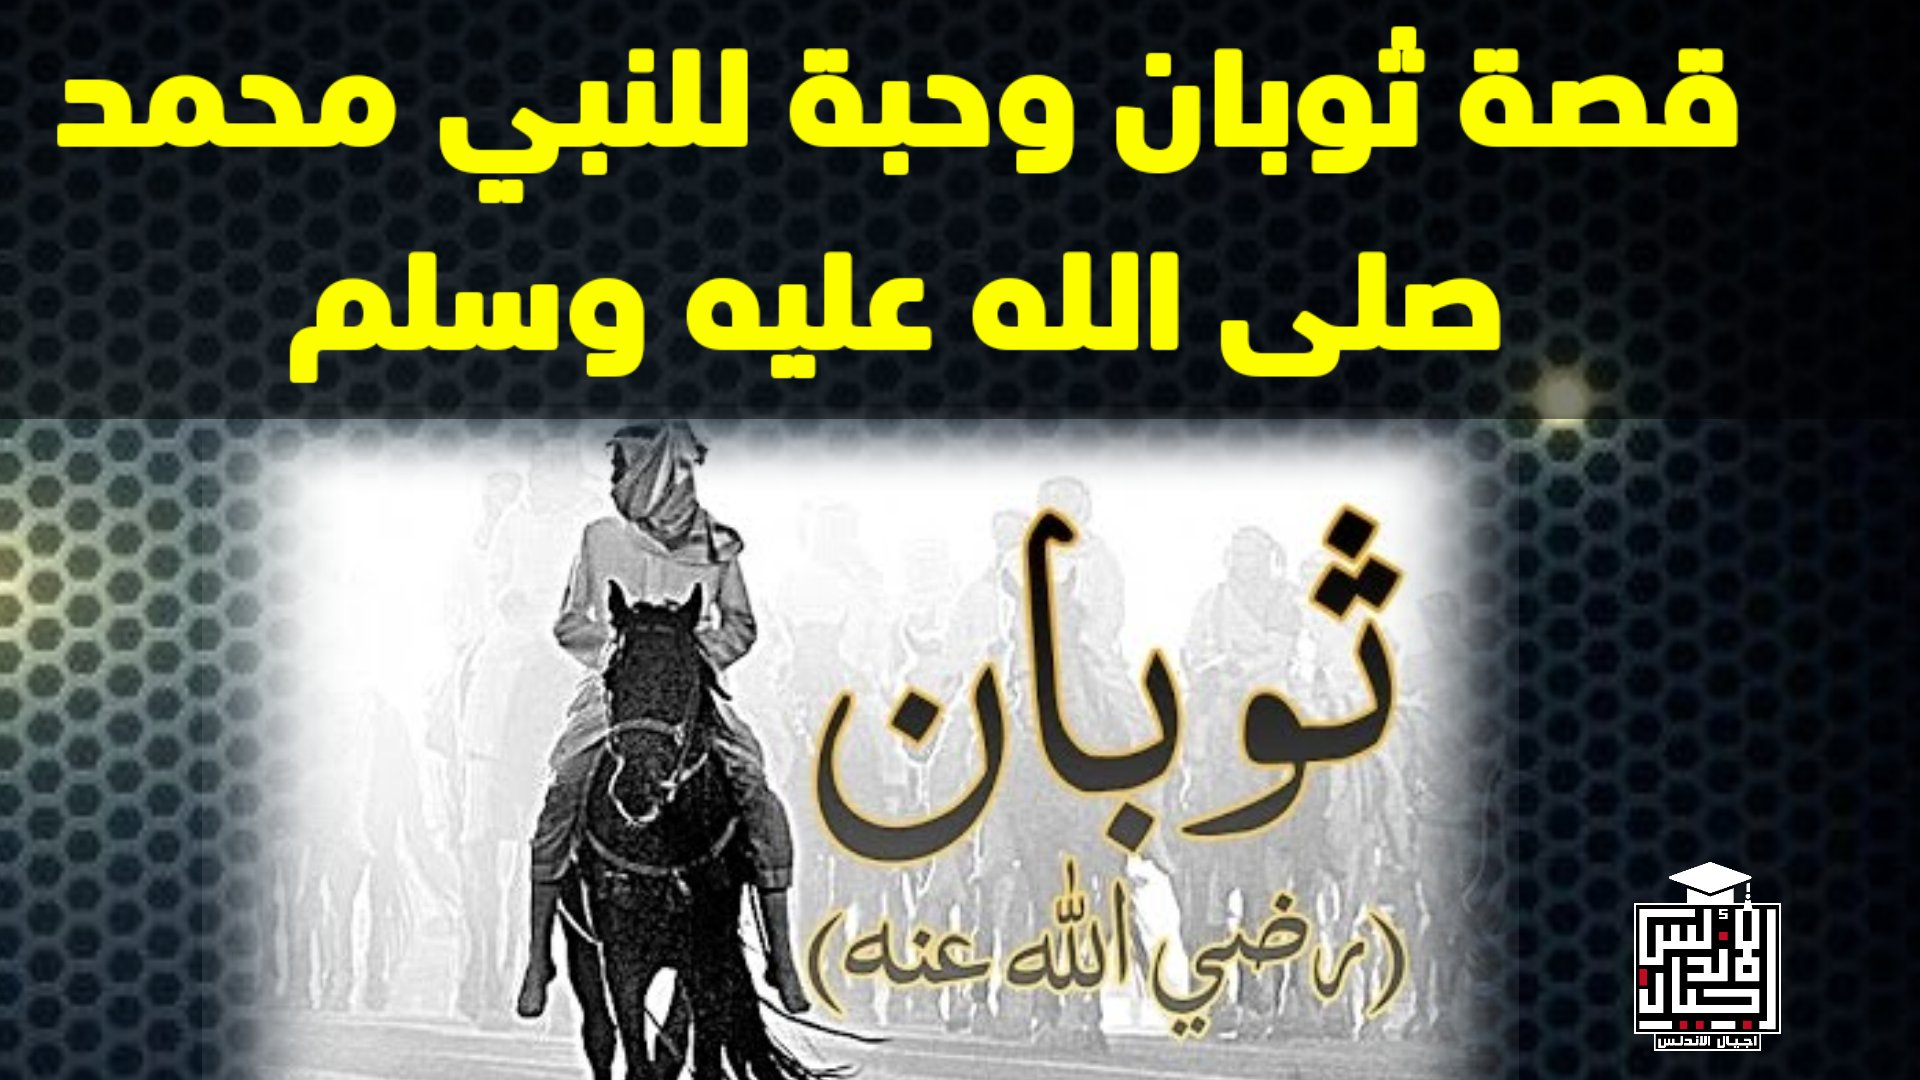 قصة ثوبان وحبة الشديد لسيدنا محمد صلي الله عليه وسلم | اجيال الاندلس